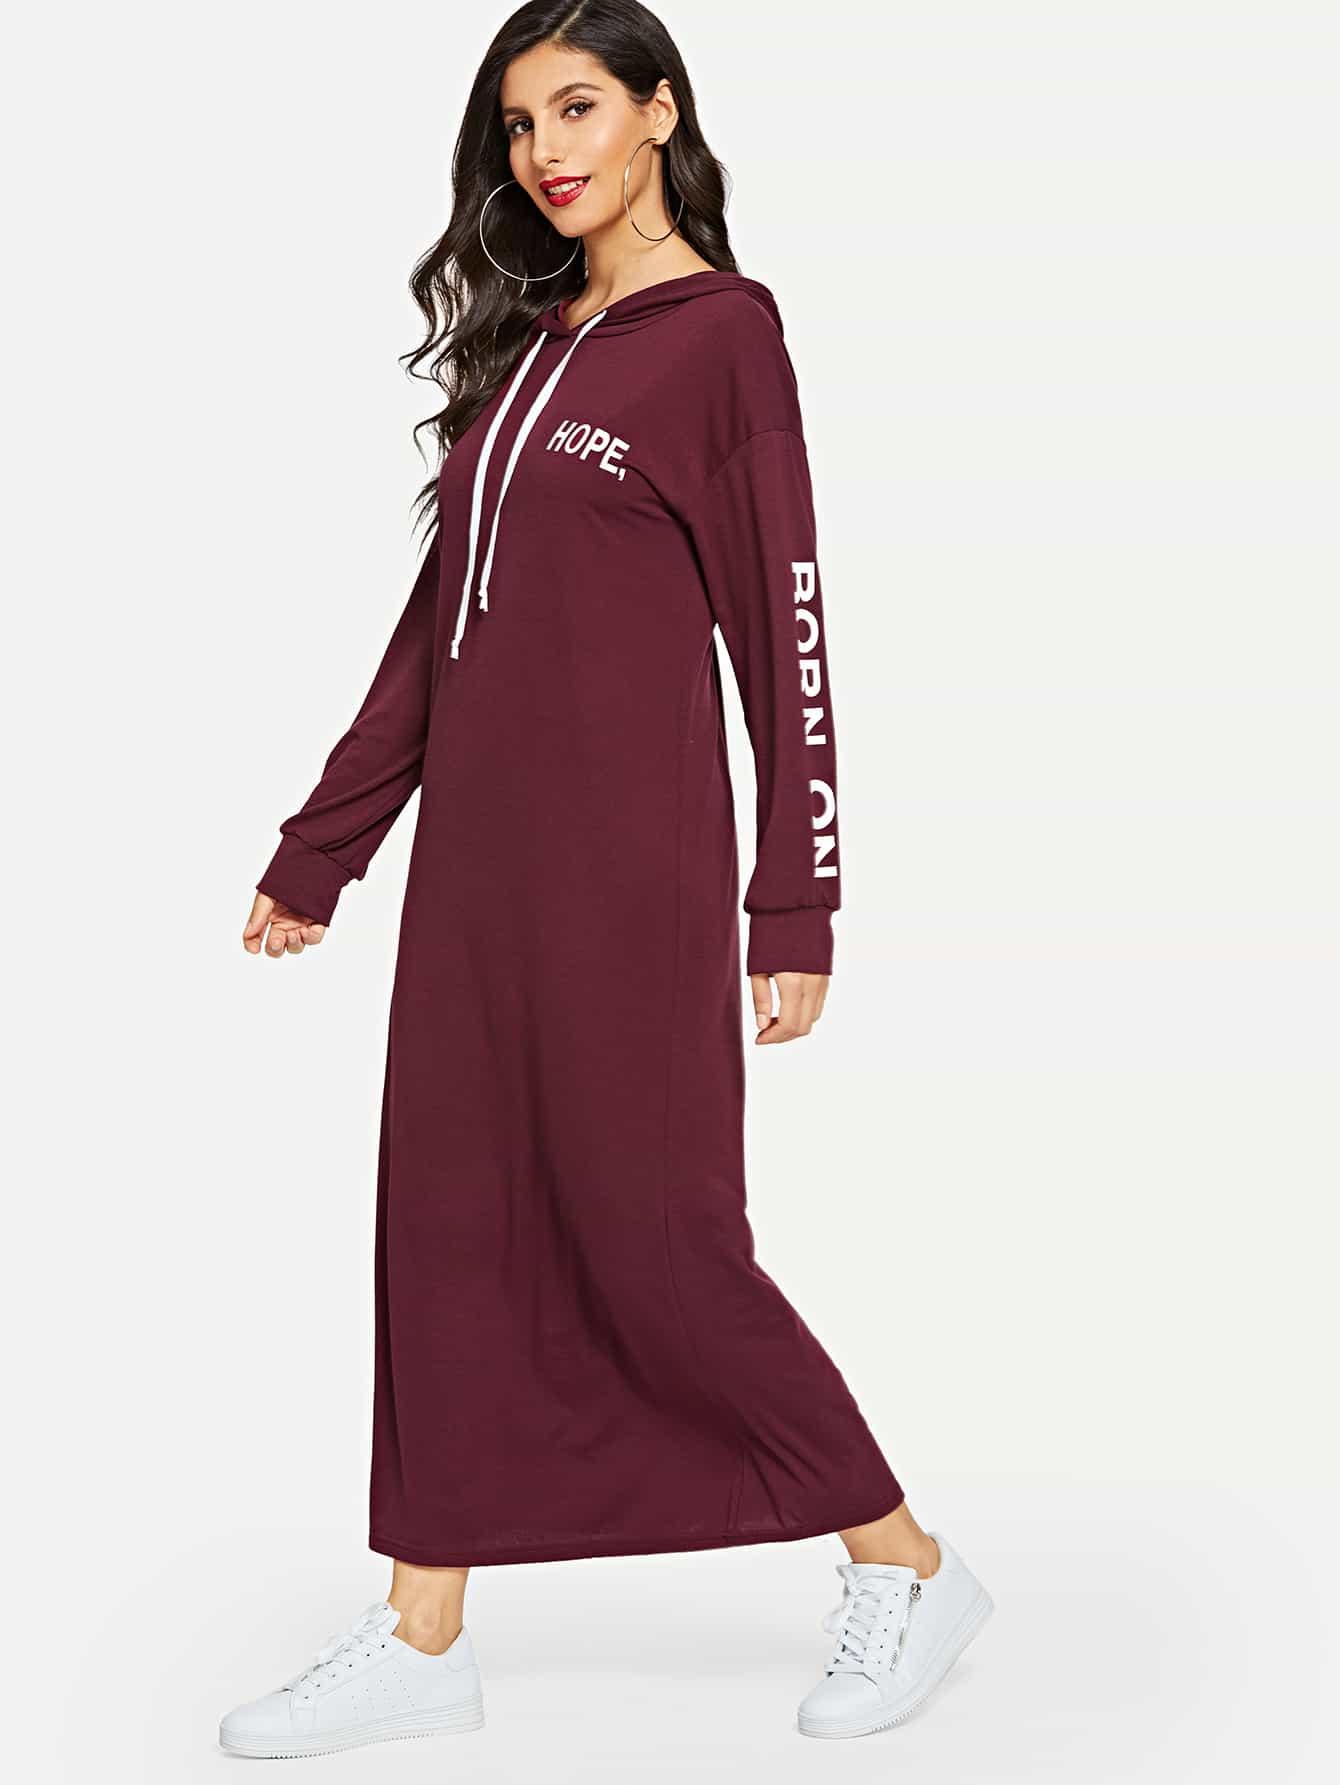 Купить Платье-свитшот с капюшоном заниженной линией плеч и текстовым принтом, Jeane, SheIn